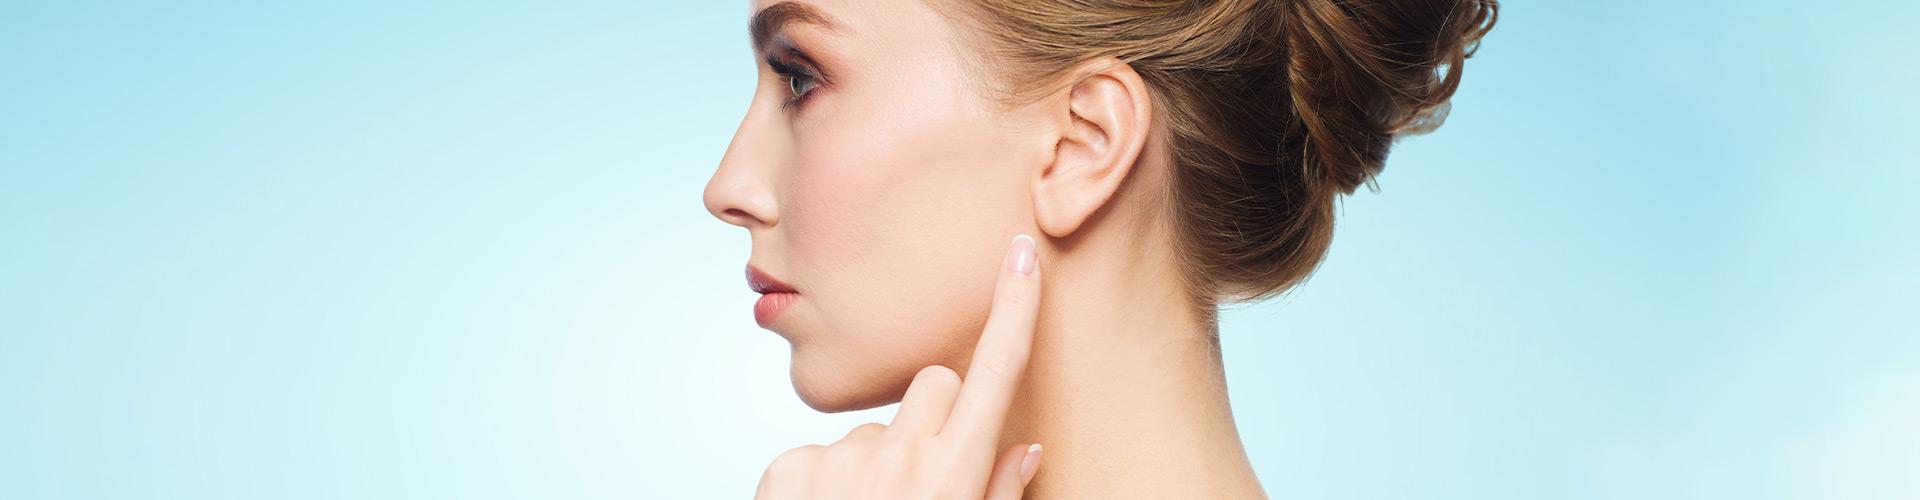 Ear Lobe Repair Alpharetta, GA